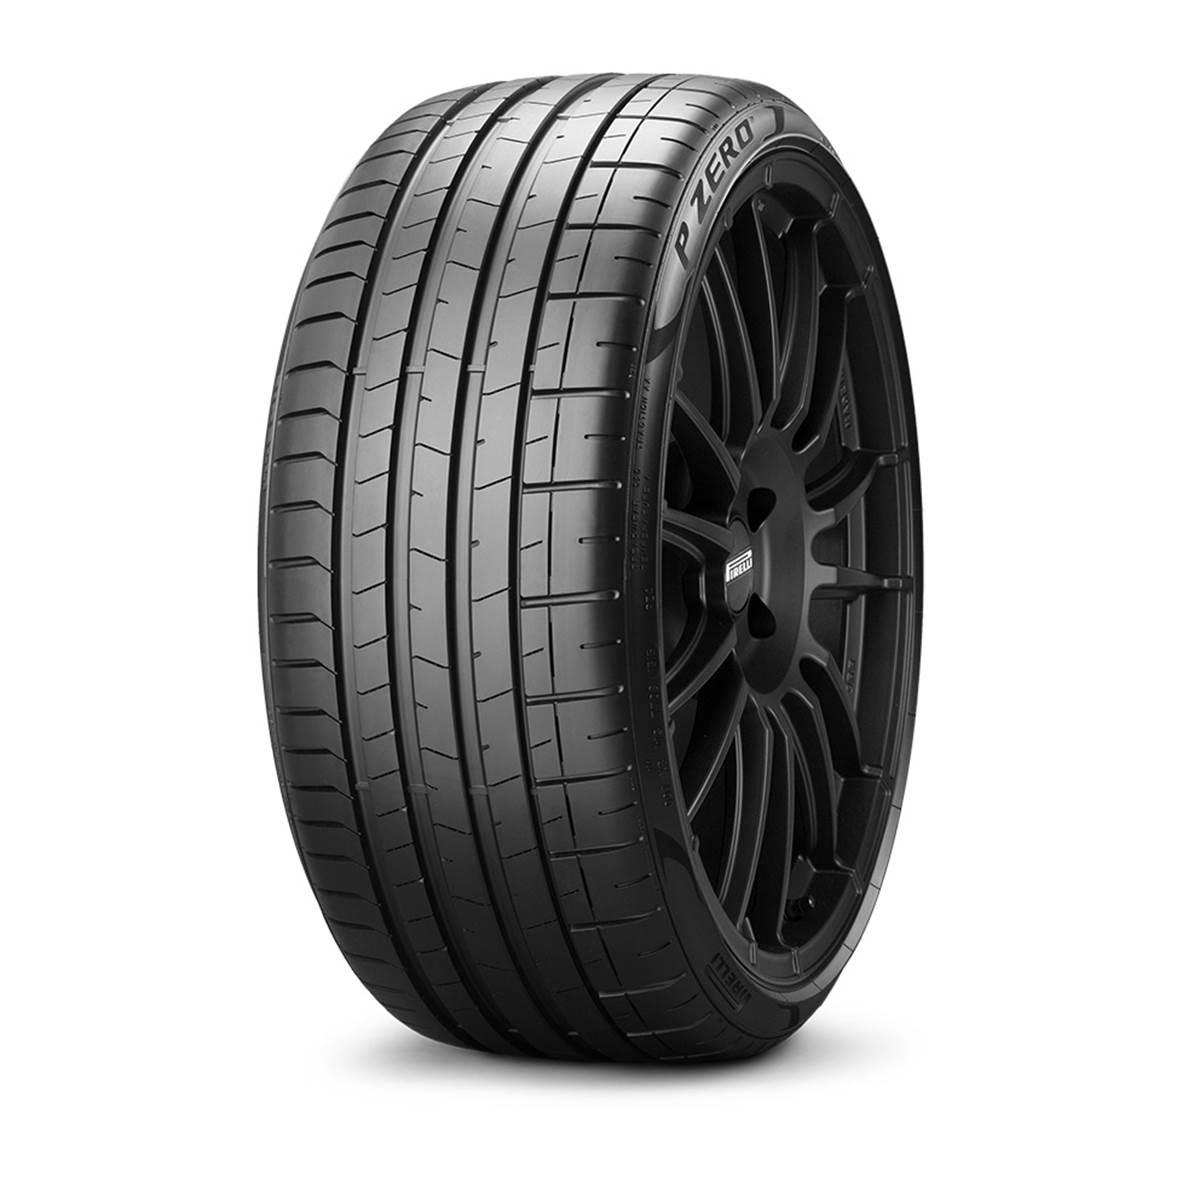 Pneu Pirelli 285/40R19 103Y Pzero